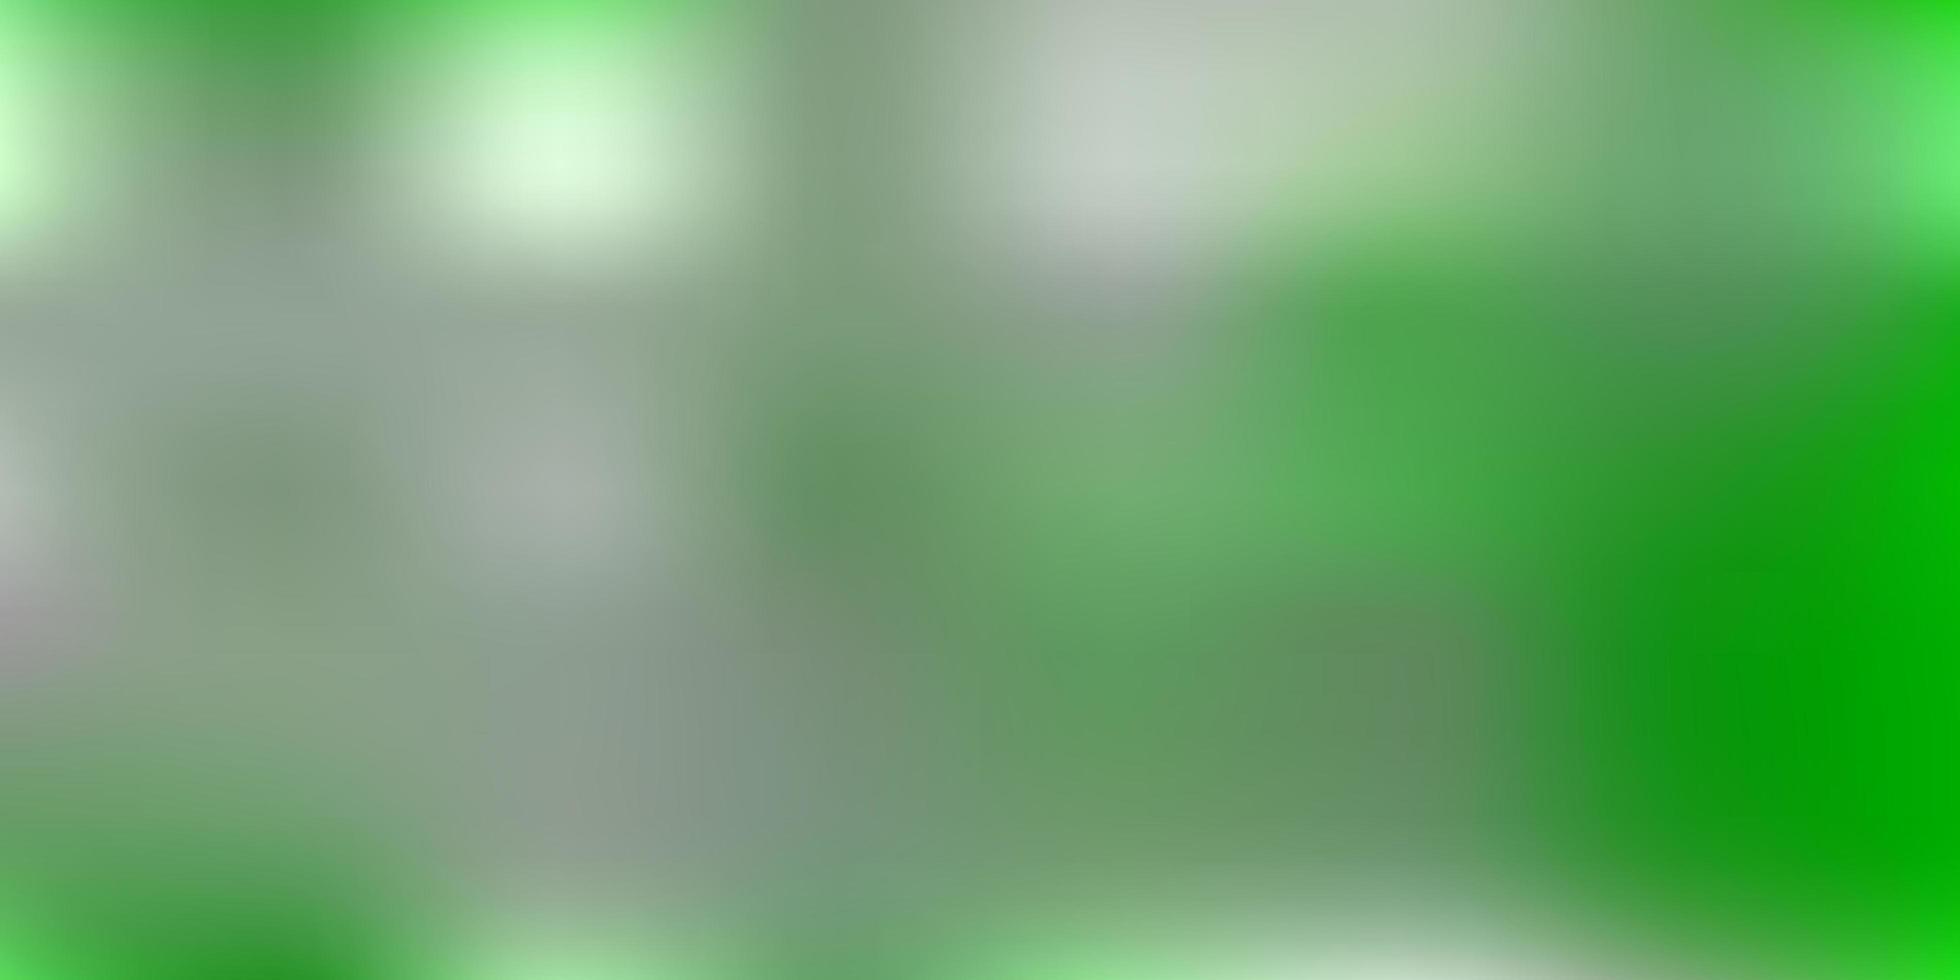 textura de desfoque de gradiente de vetor verde claro.